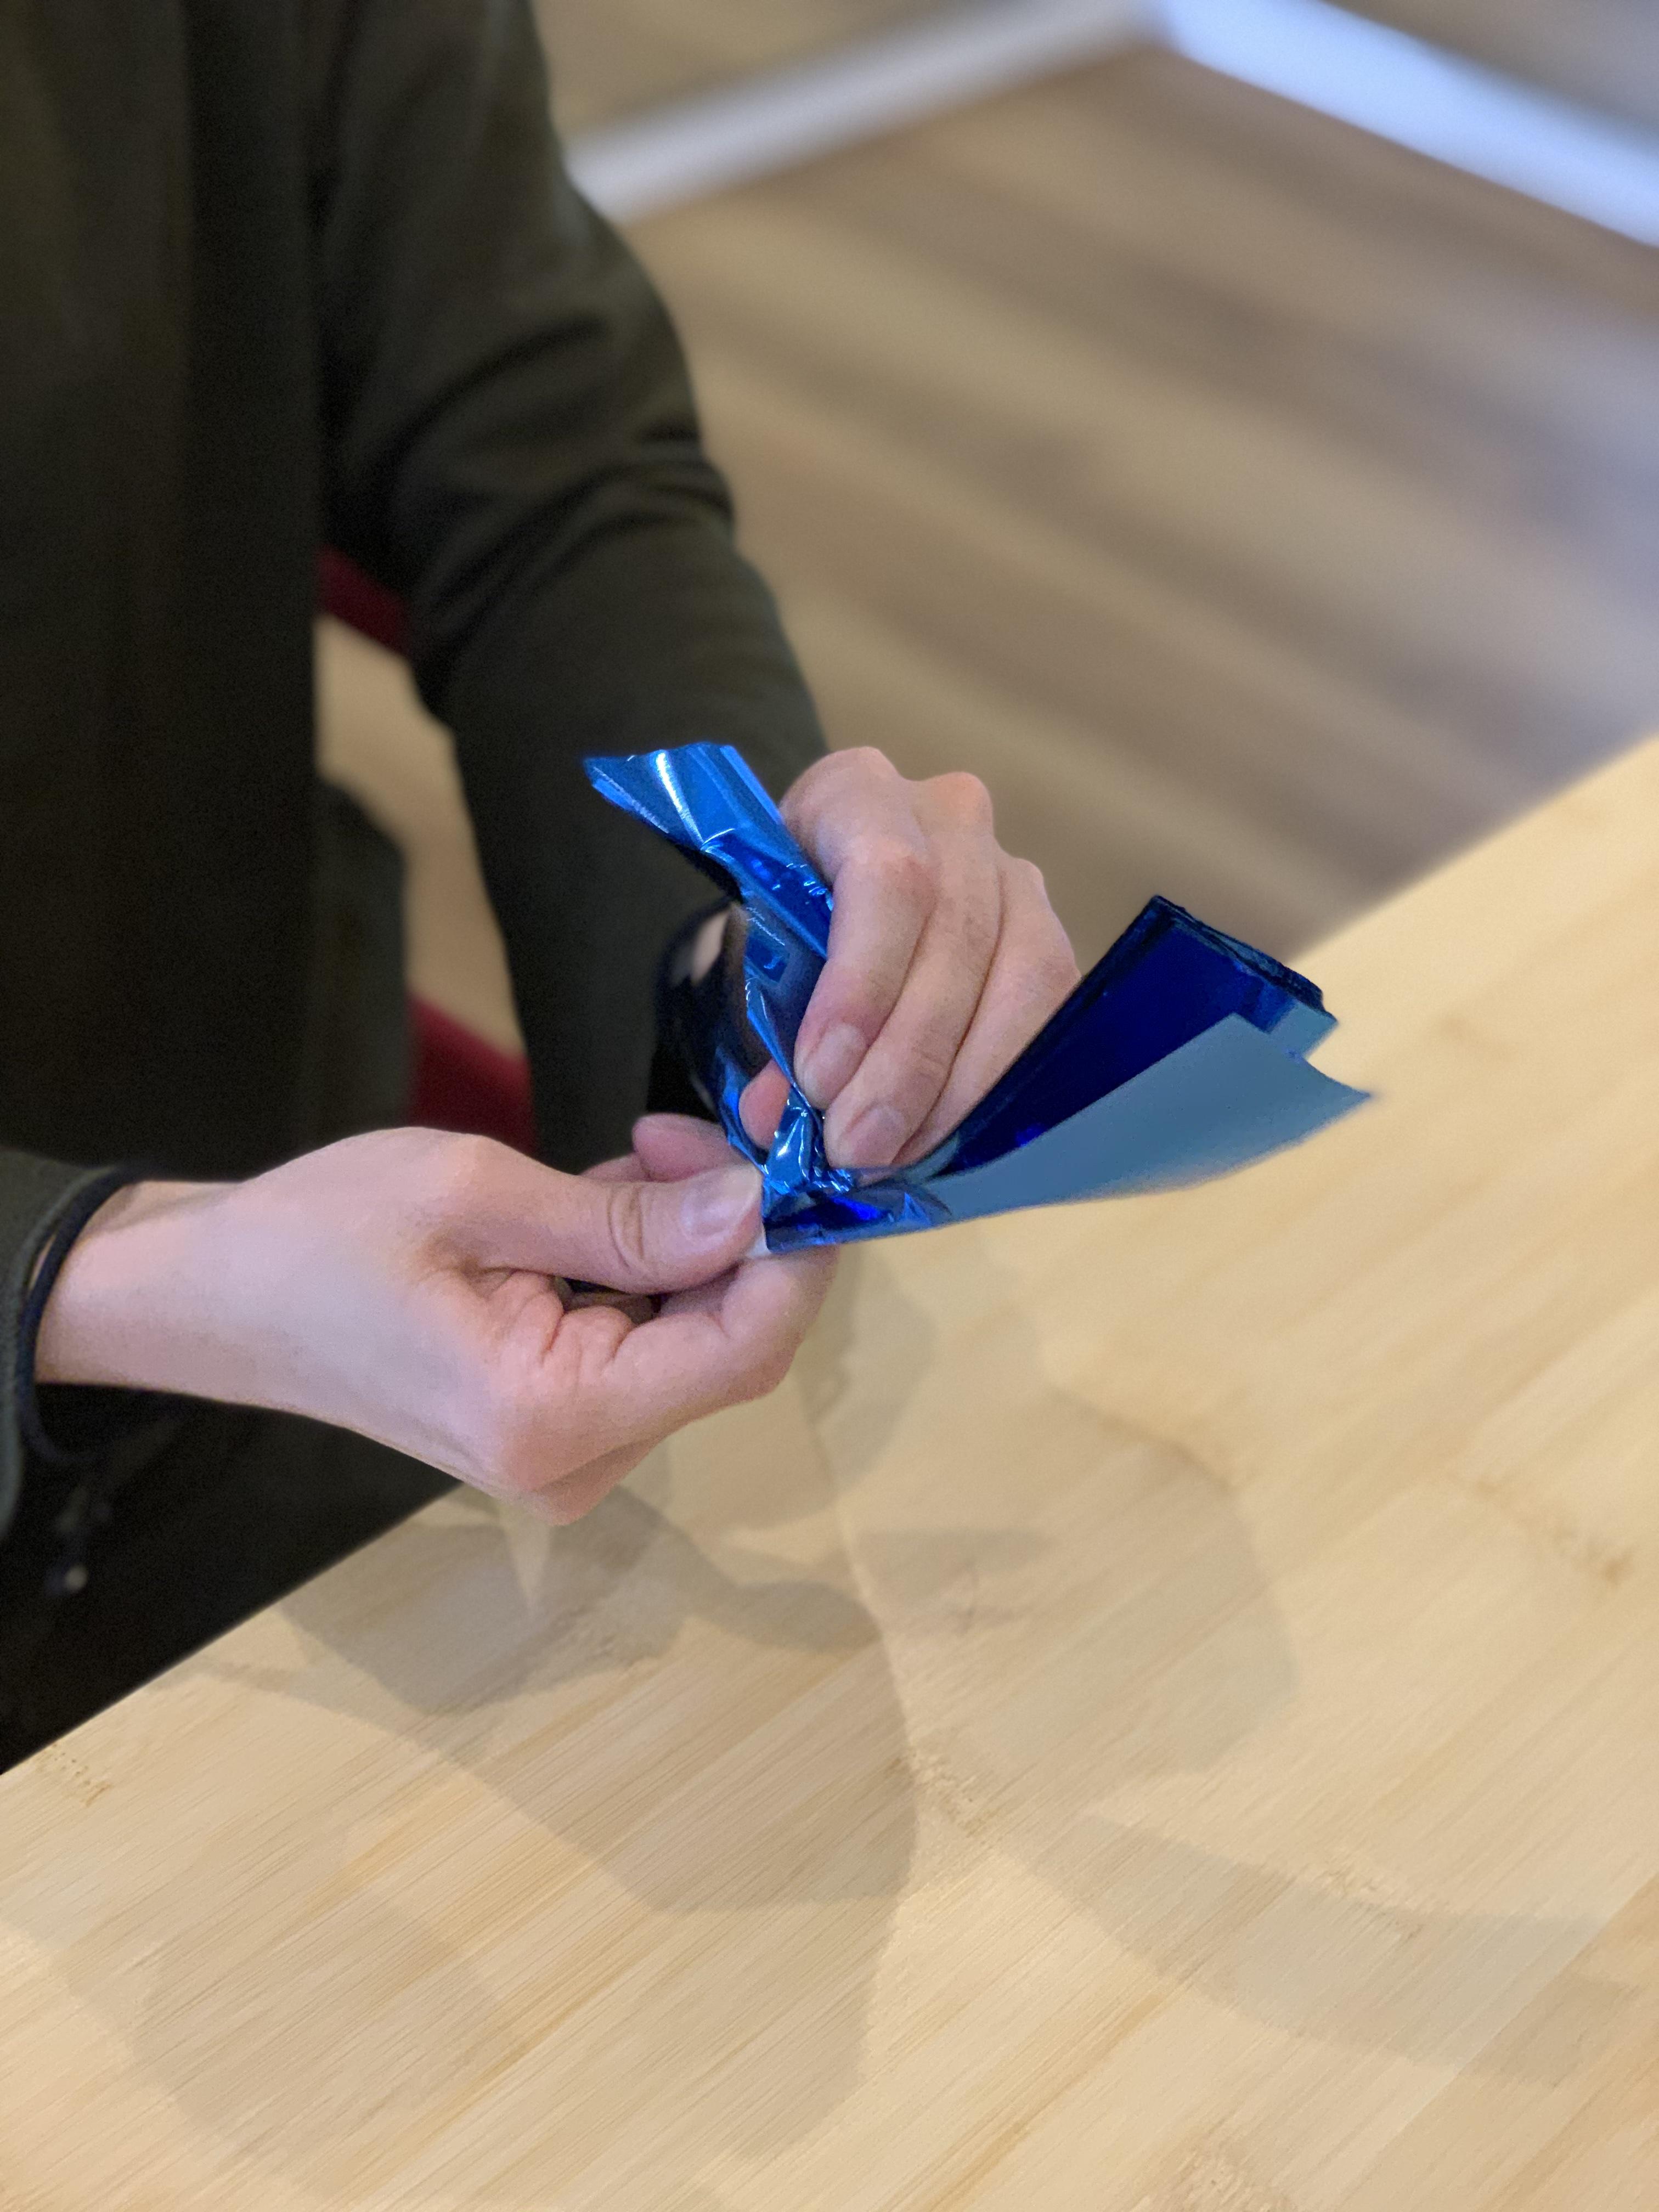 ポンポン 作り方 スズラン テープ